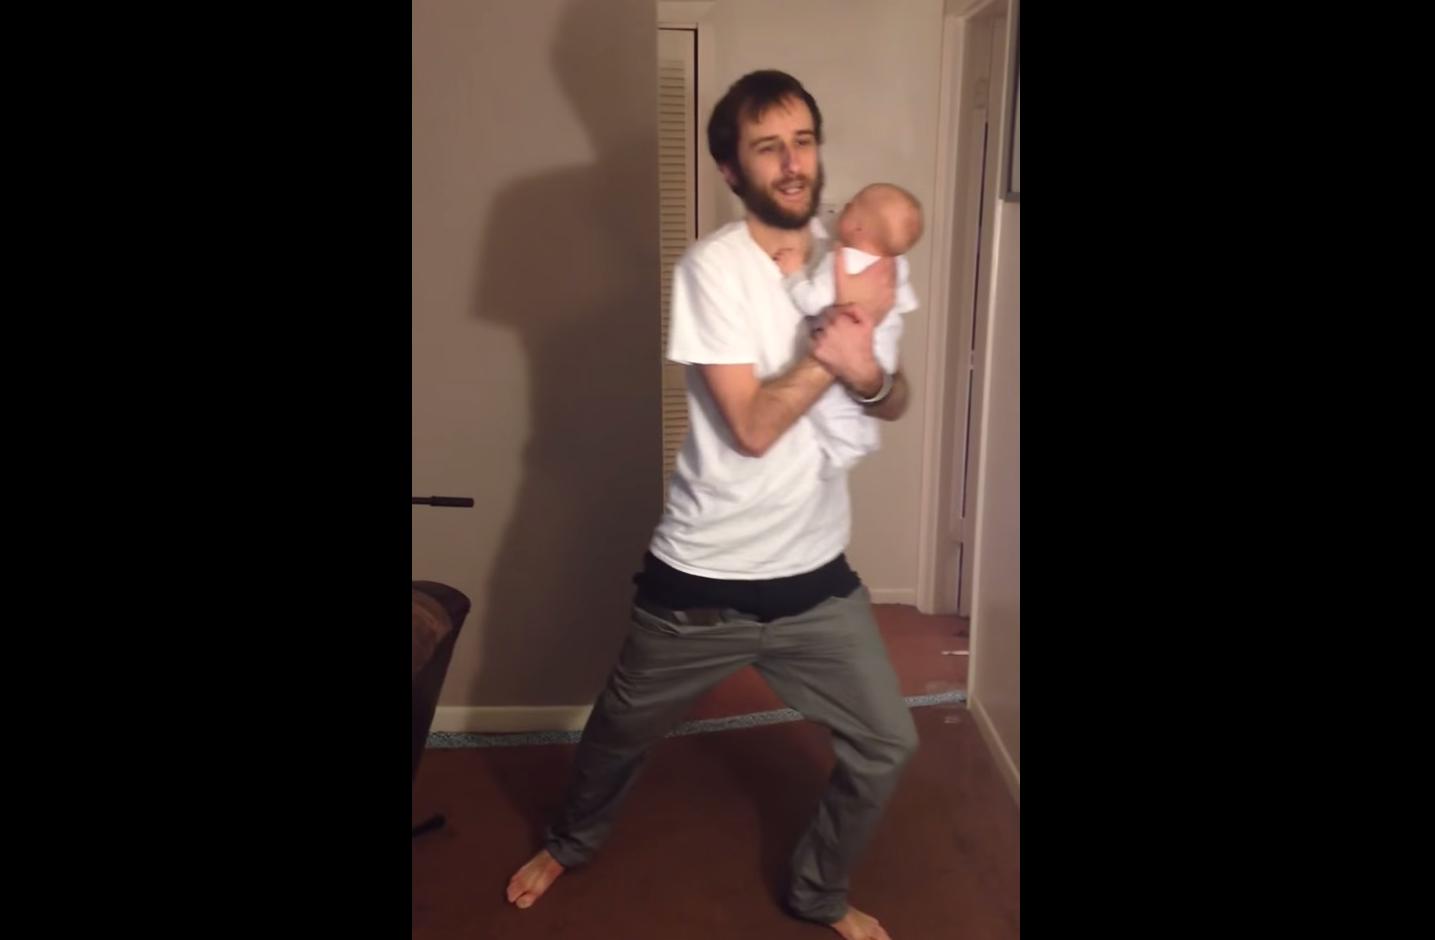 This dad has fatherhood nailed